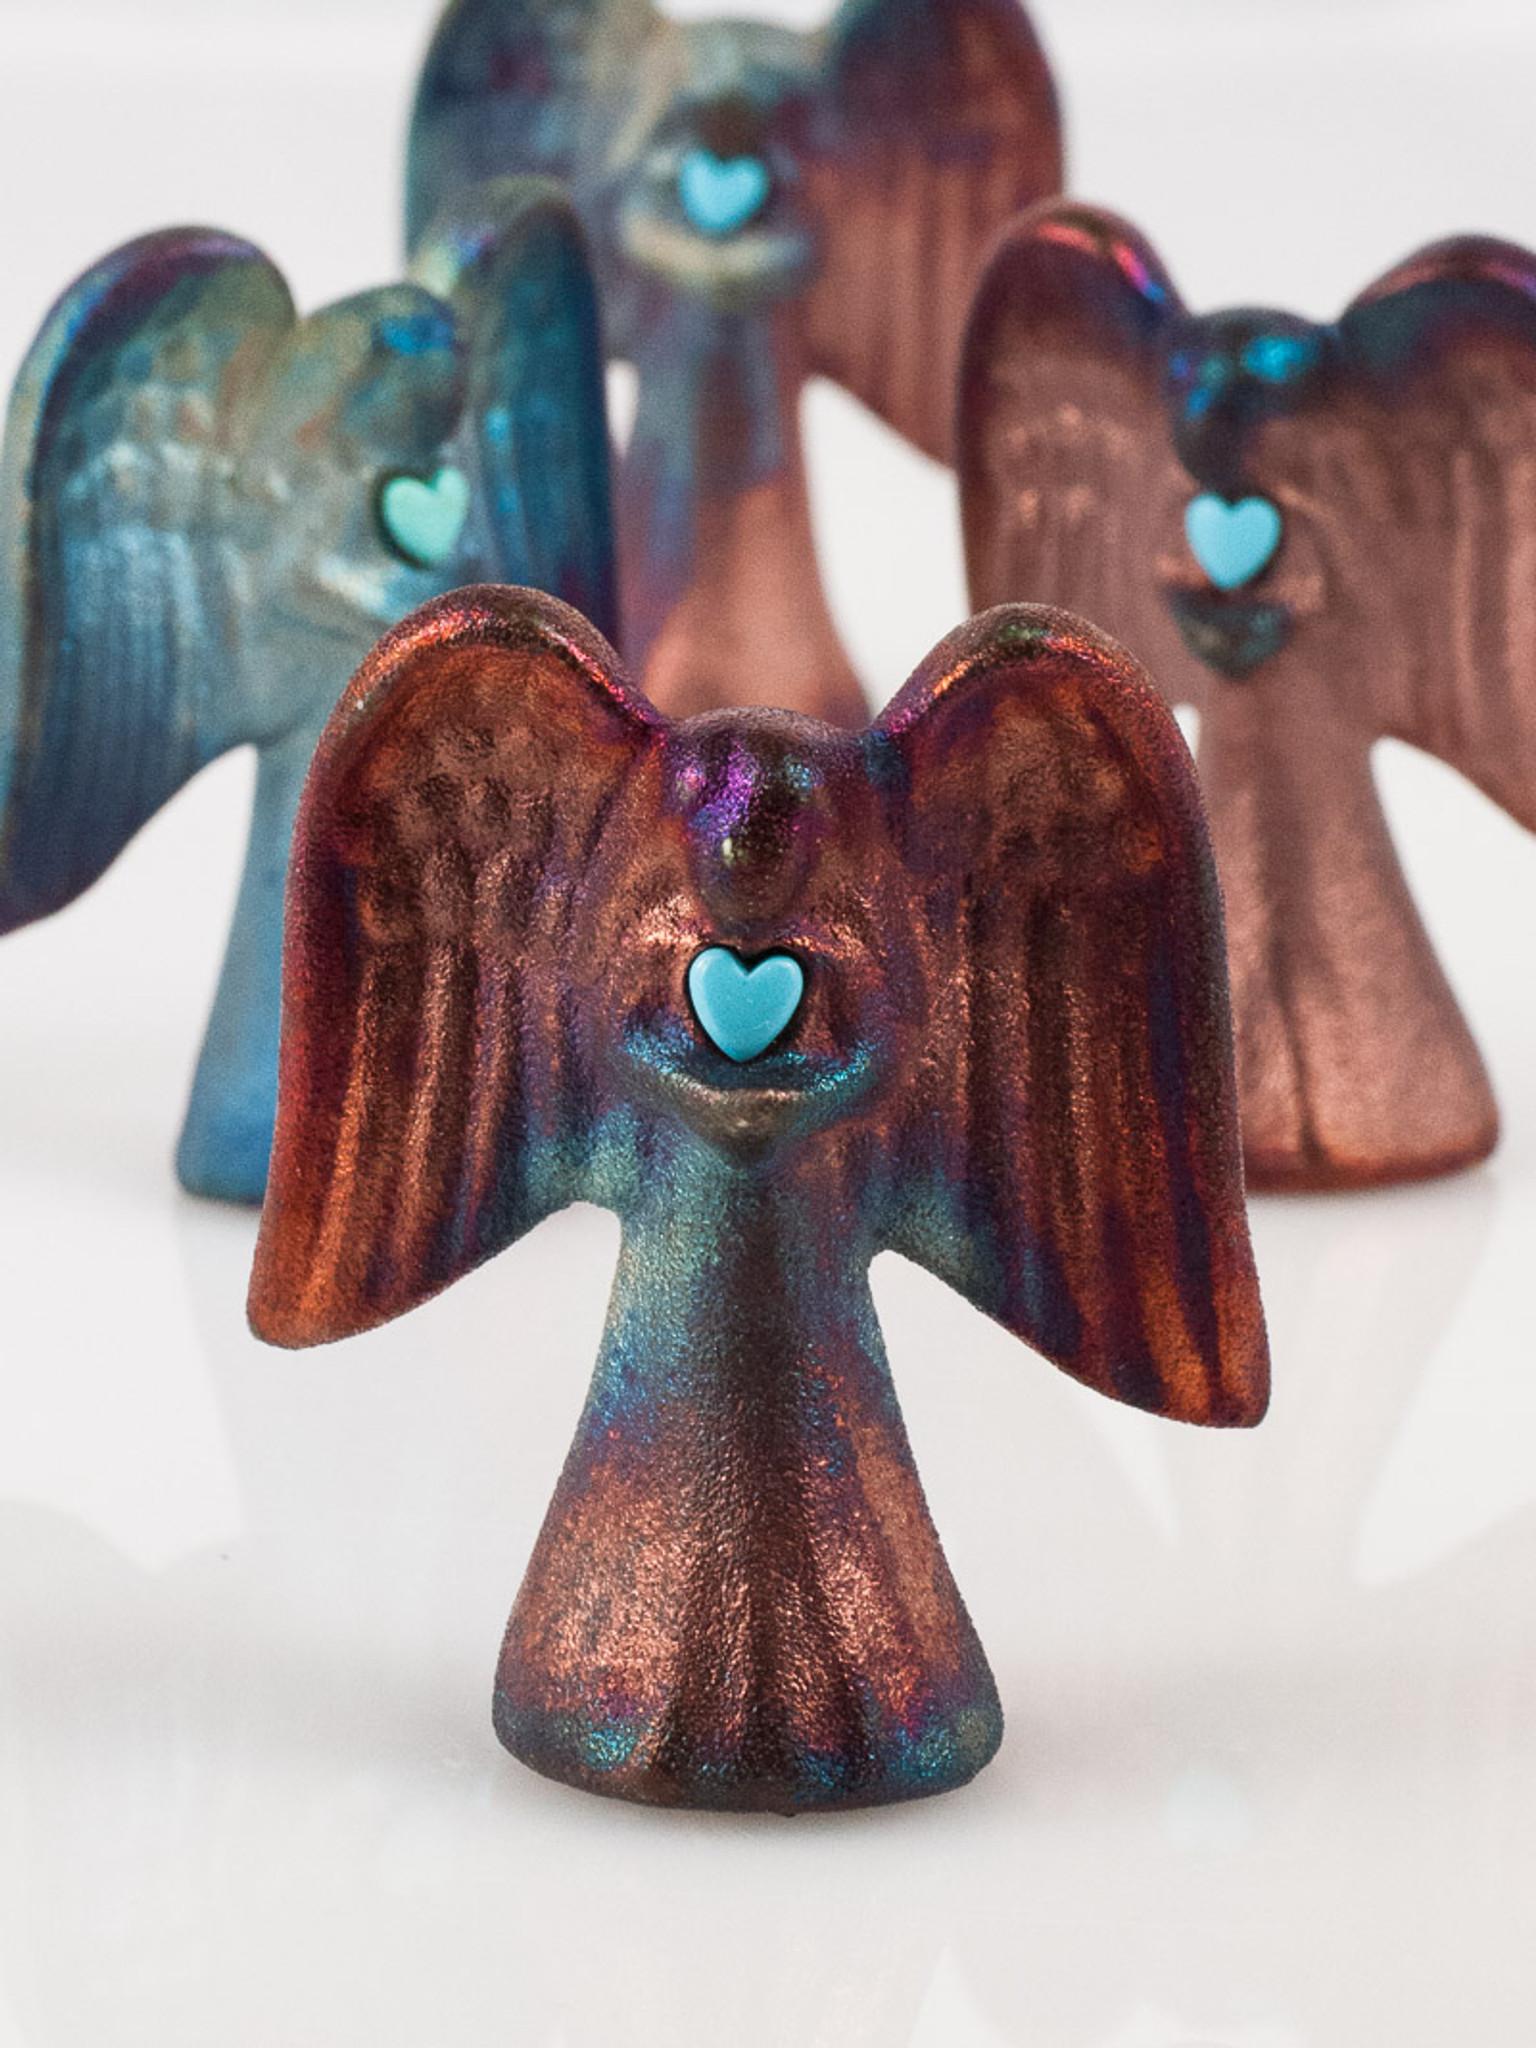 RAKU hearts coupon code 2RAKU SET of TWO for 20 with coupon worry stone Angel charm handmade pottery good luck charm medallion